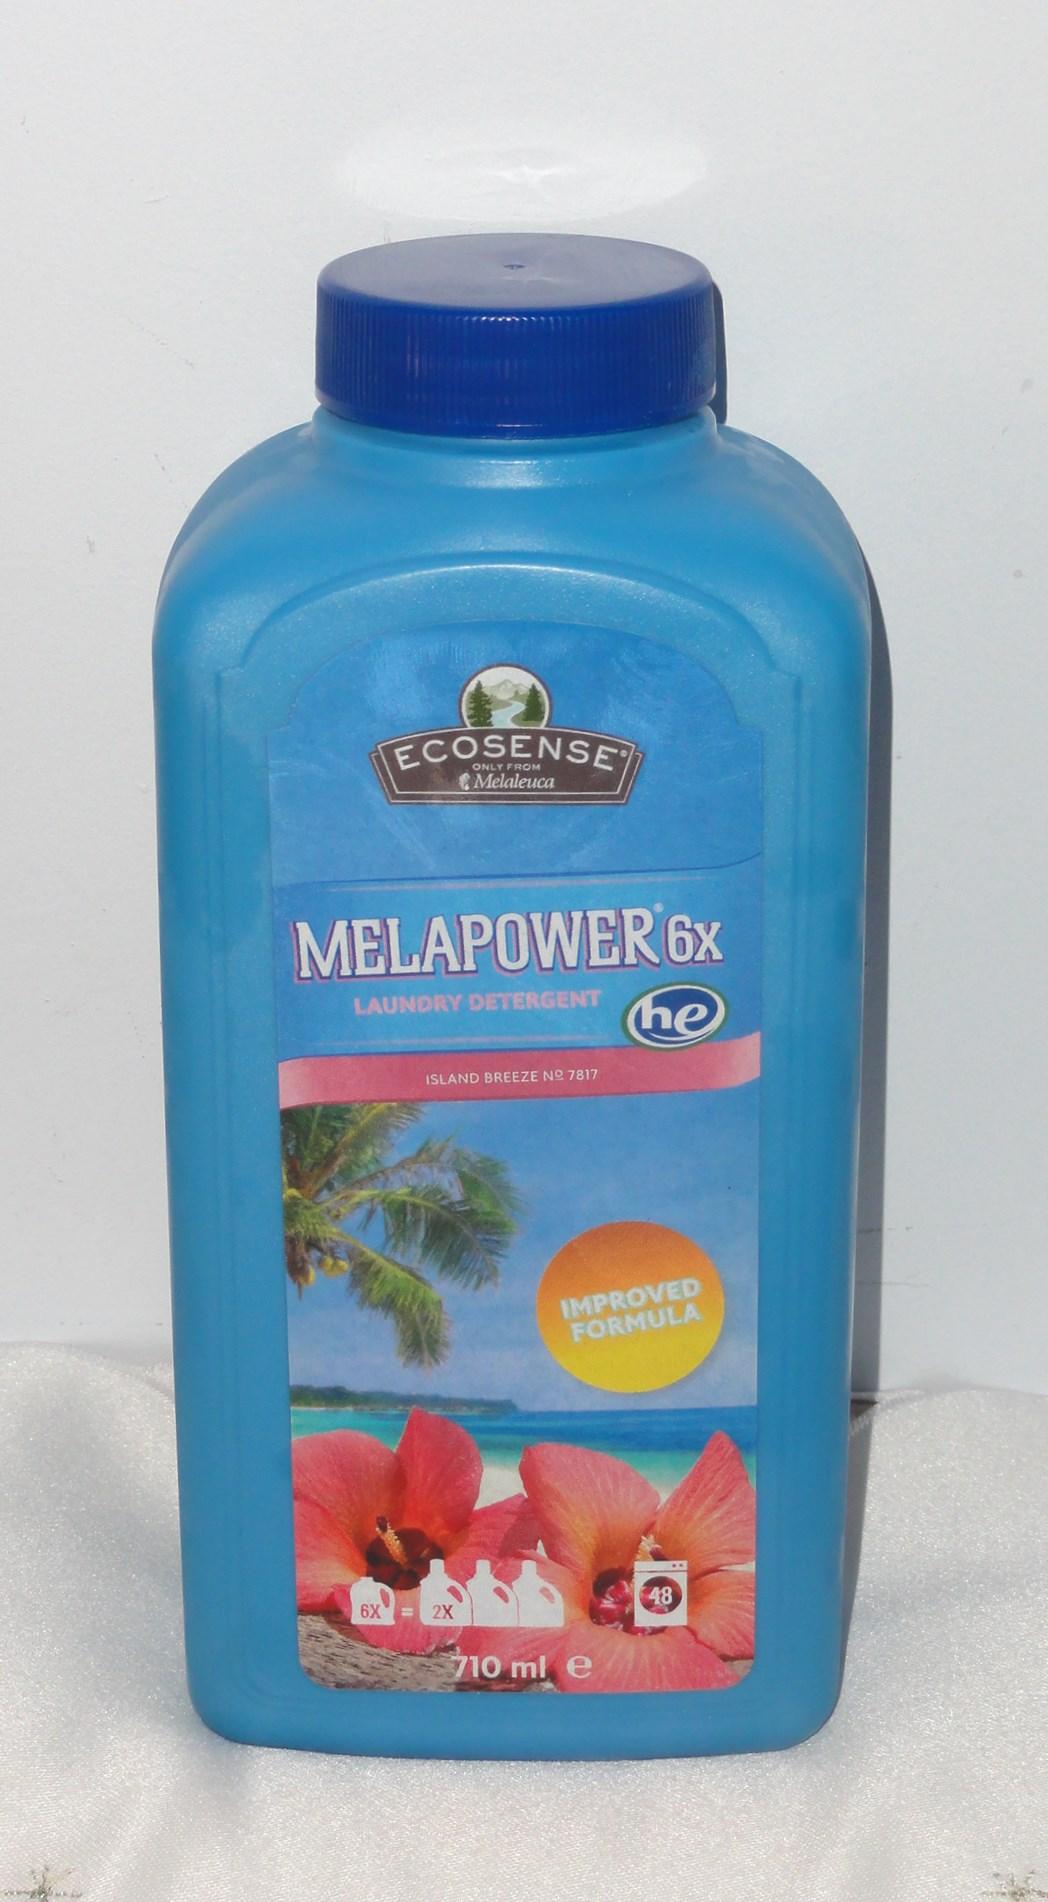 MelaPower